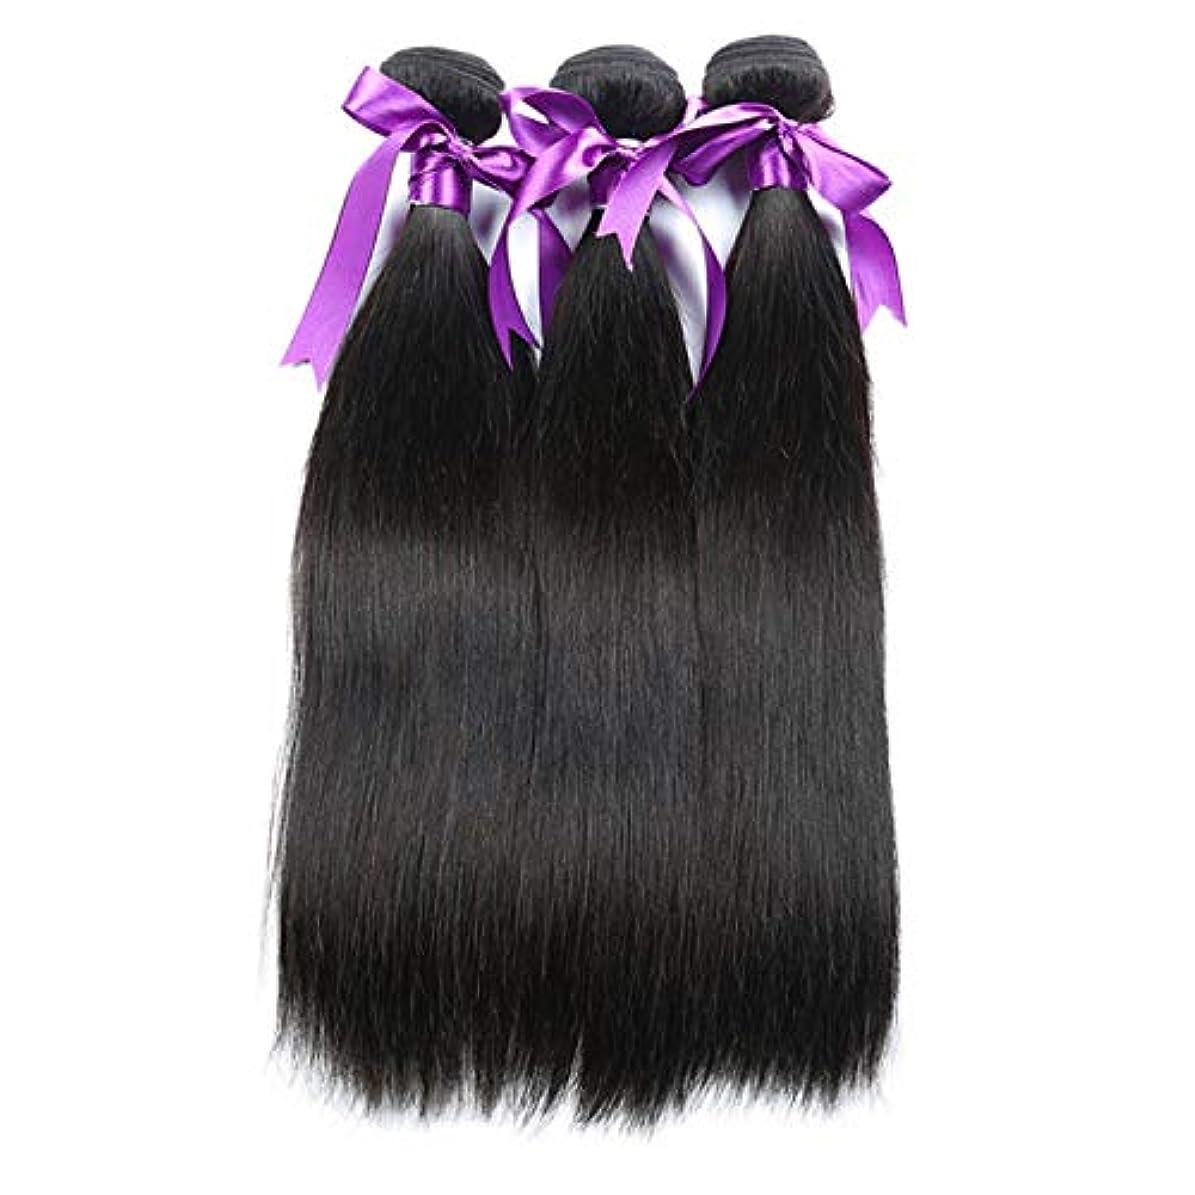 屋内珍しいその後かつら 髪ペルーストレートヘア3個人毛バンドル非Remyヘアエクステンション8-28インチ (Length : 12 14 14)